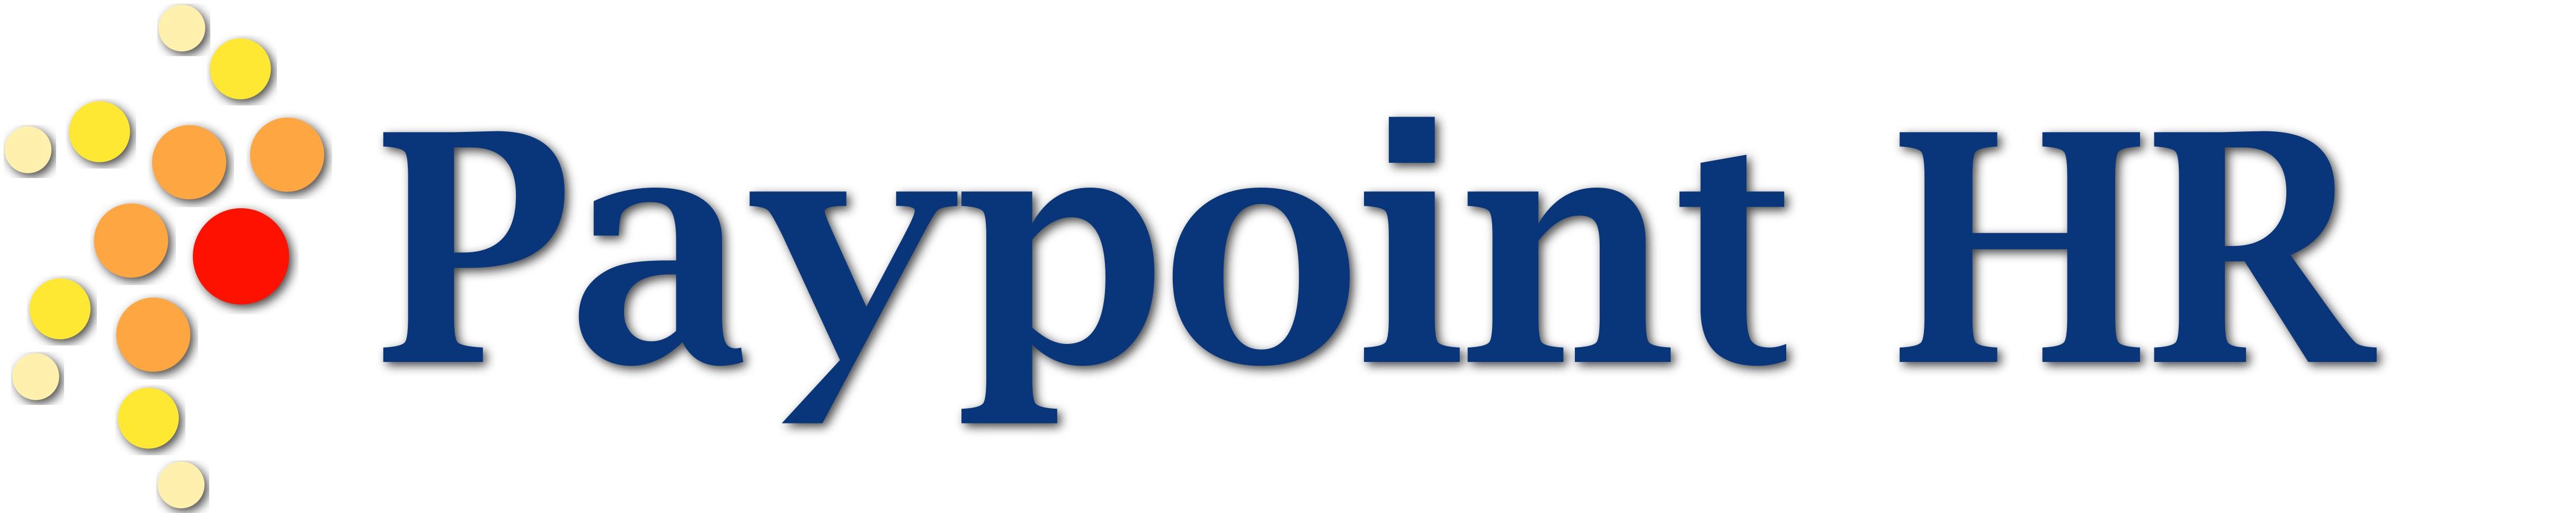 Paypoint HR | LinkedIn